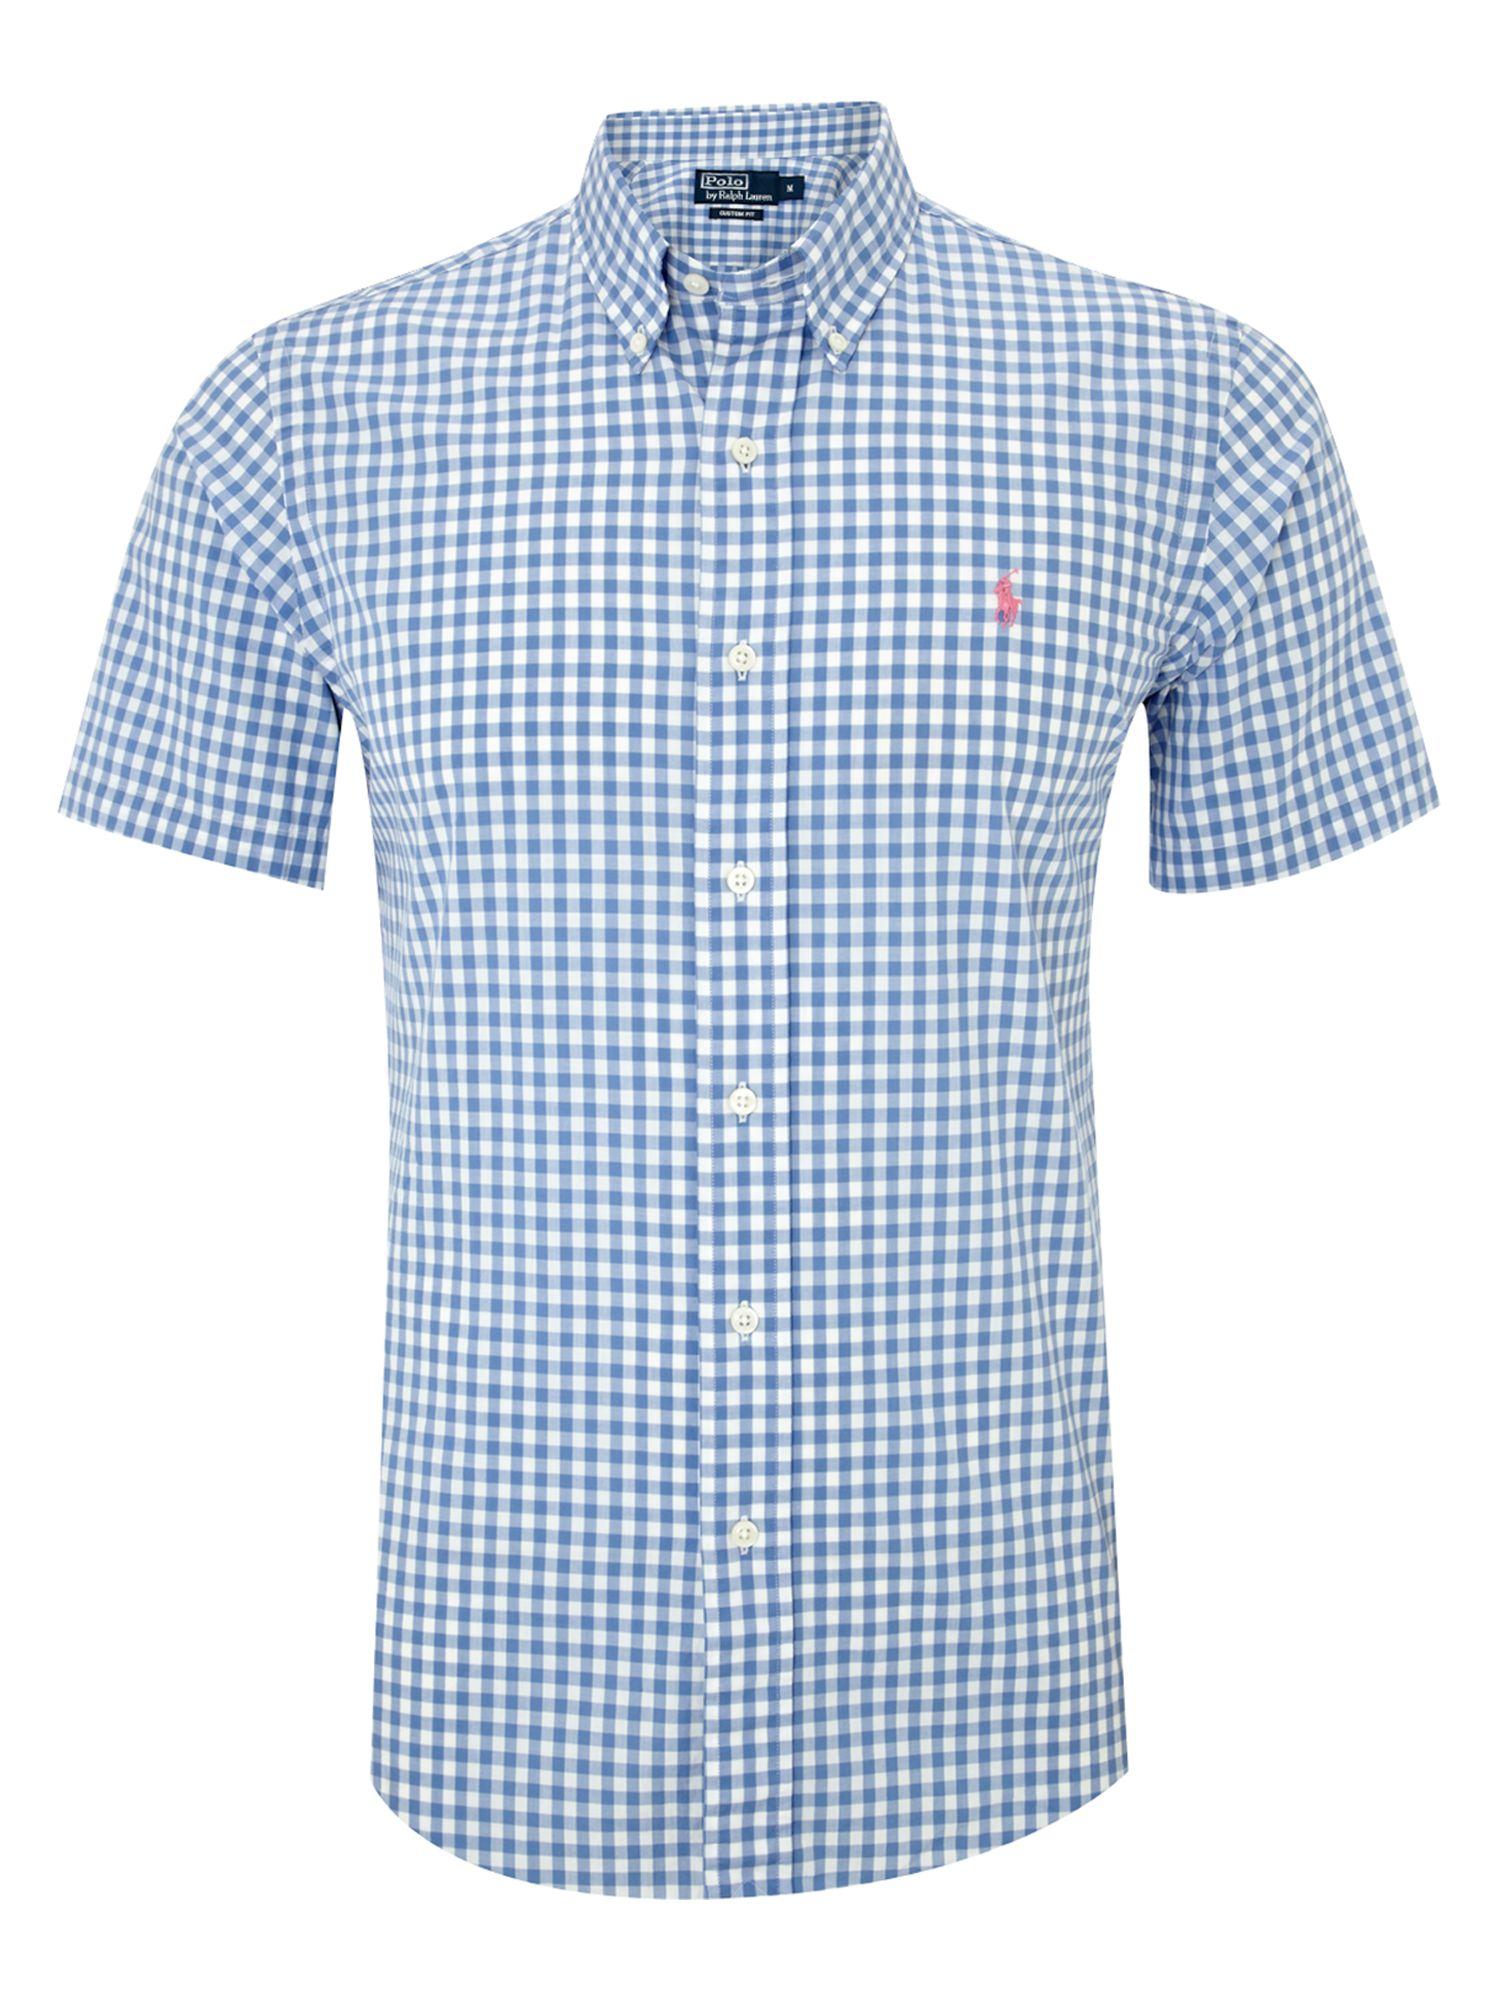 Polo Ralph Lauren Short Sleeved Gingham Shirt In Blue For